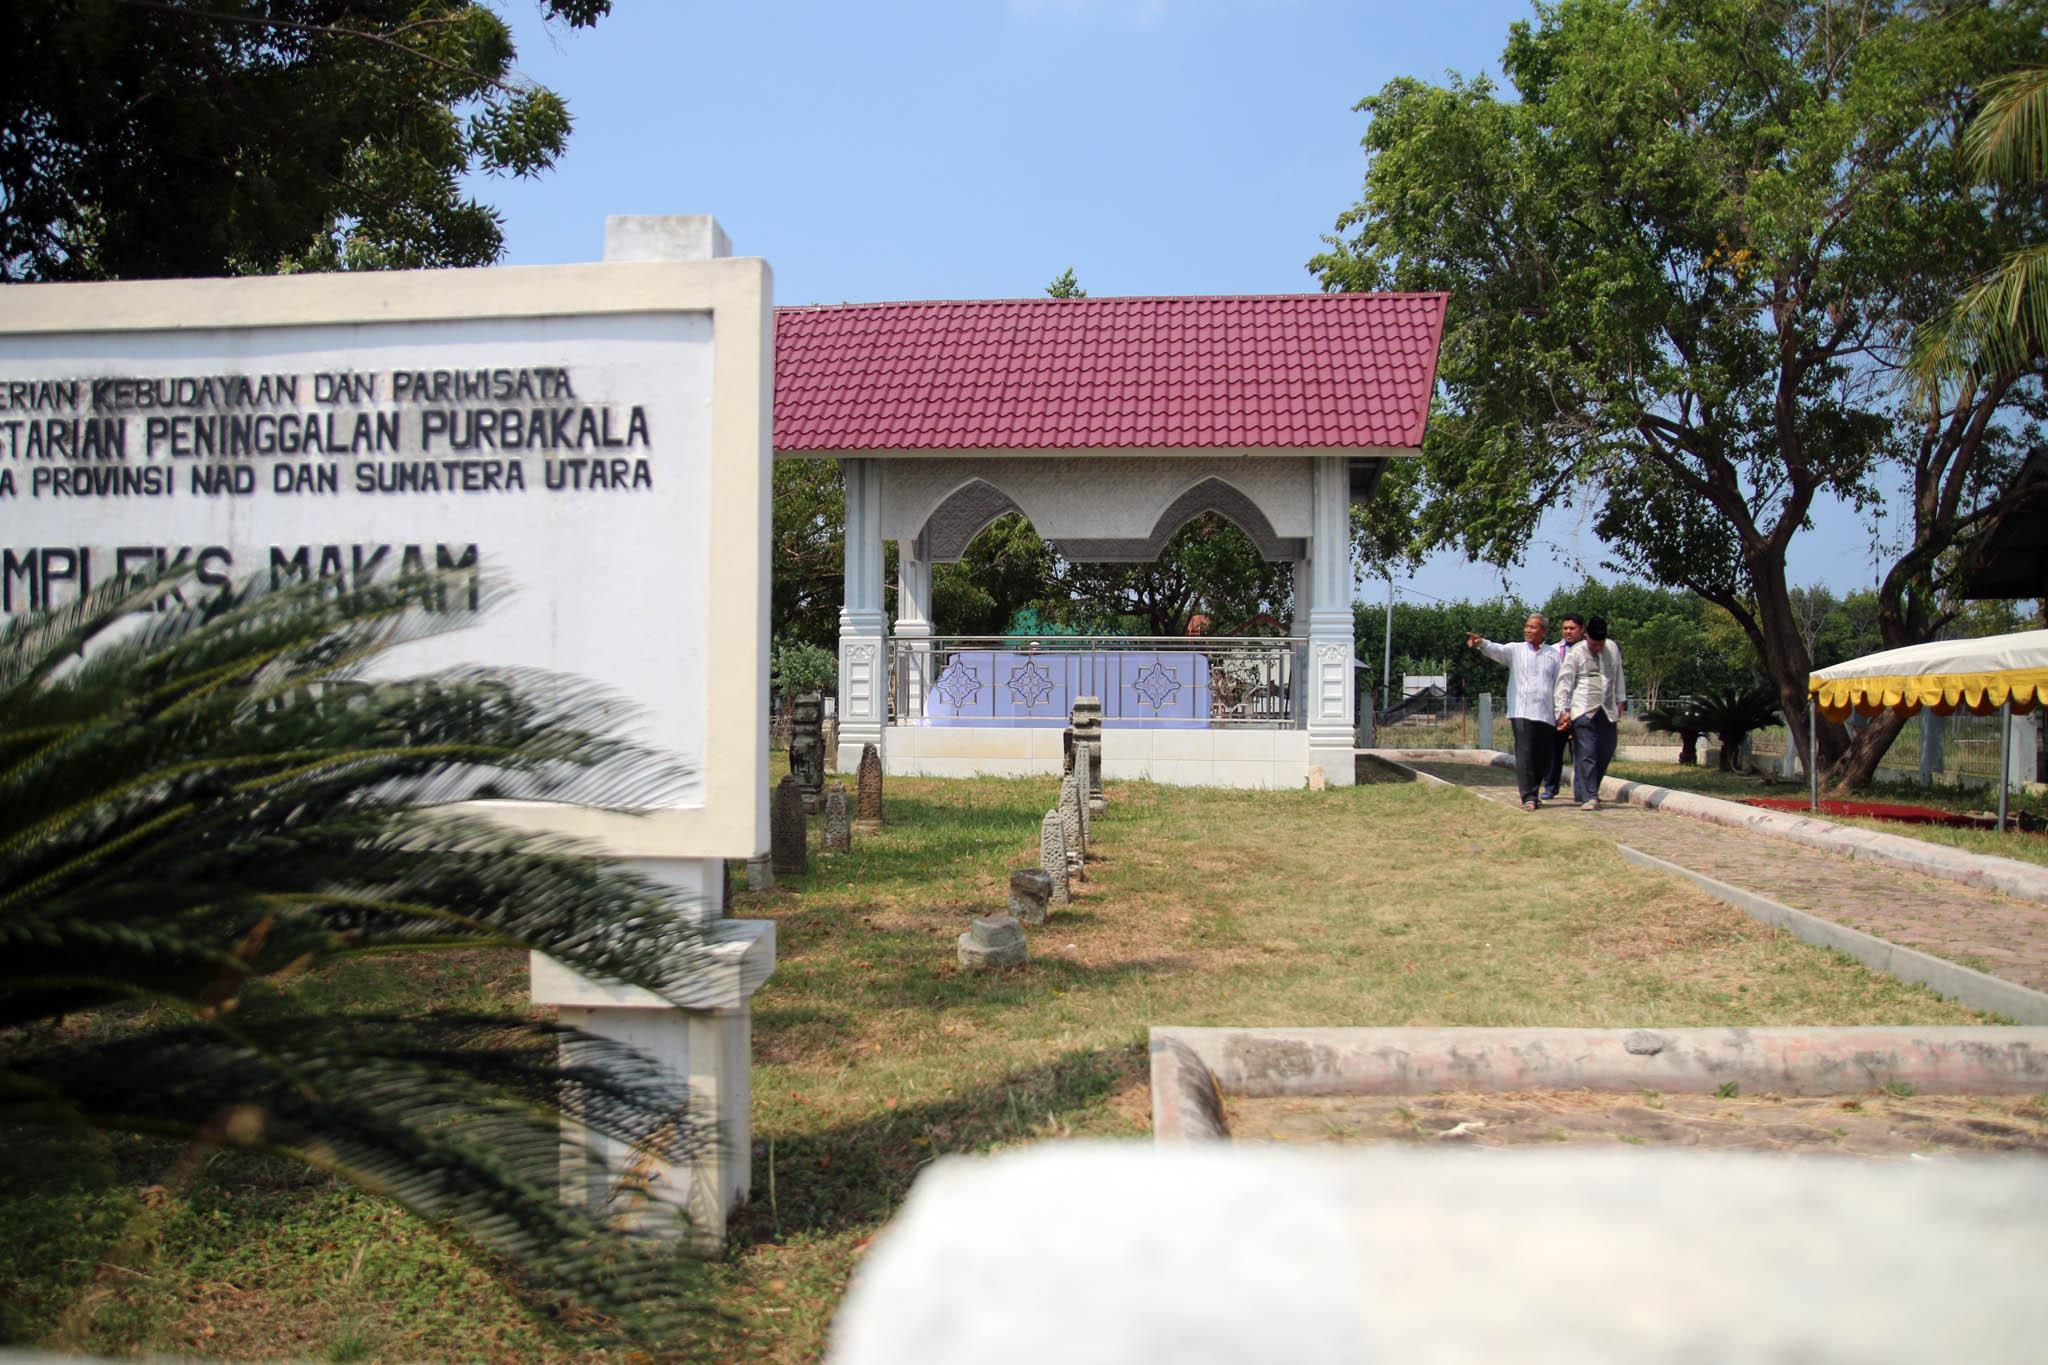 Misteri Peradaban Aceh Gampong Pande Charming Banda Komplek Makam Tuan